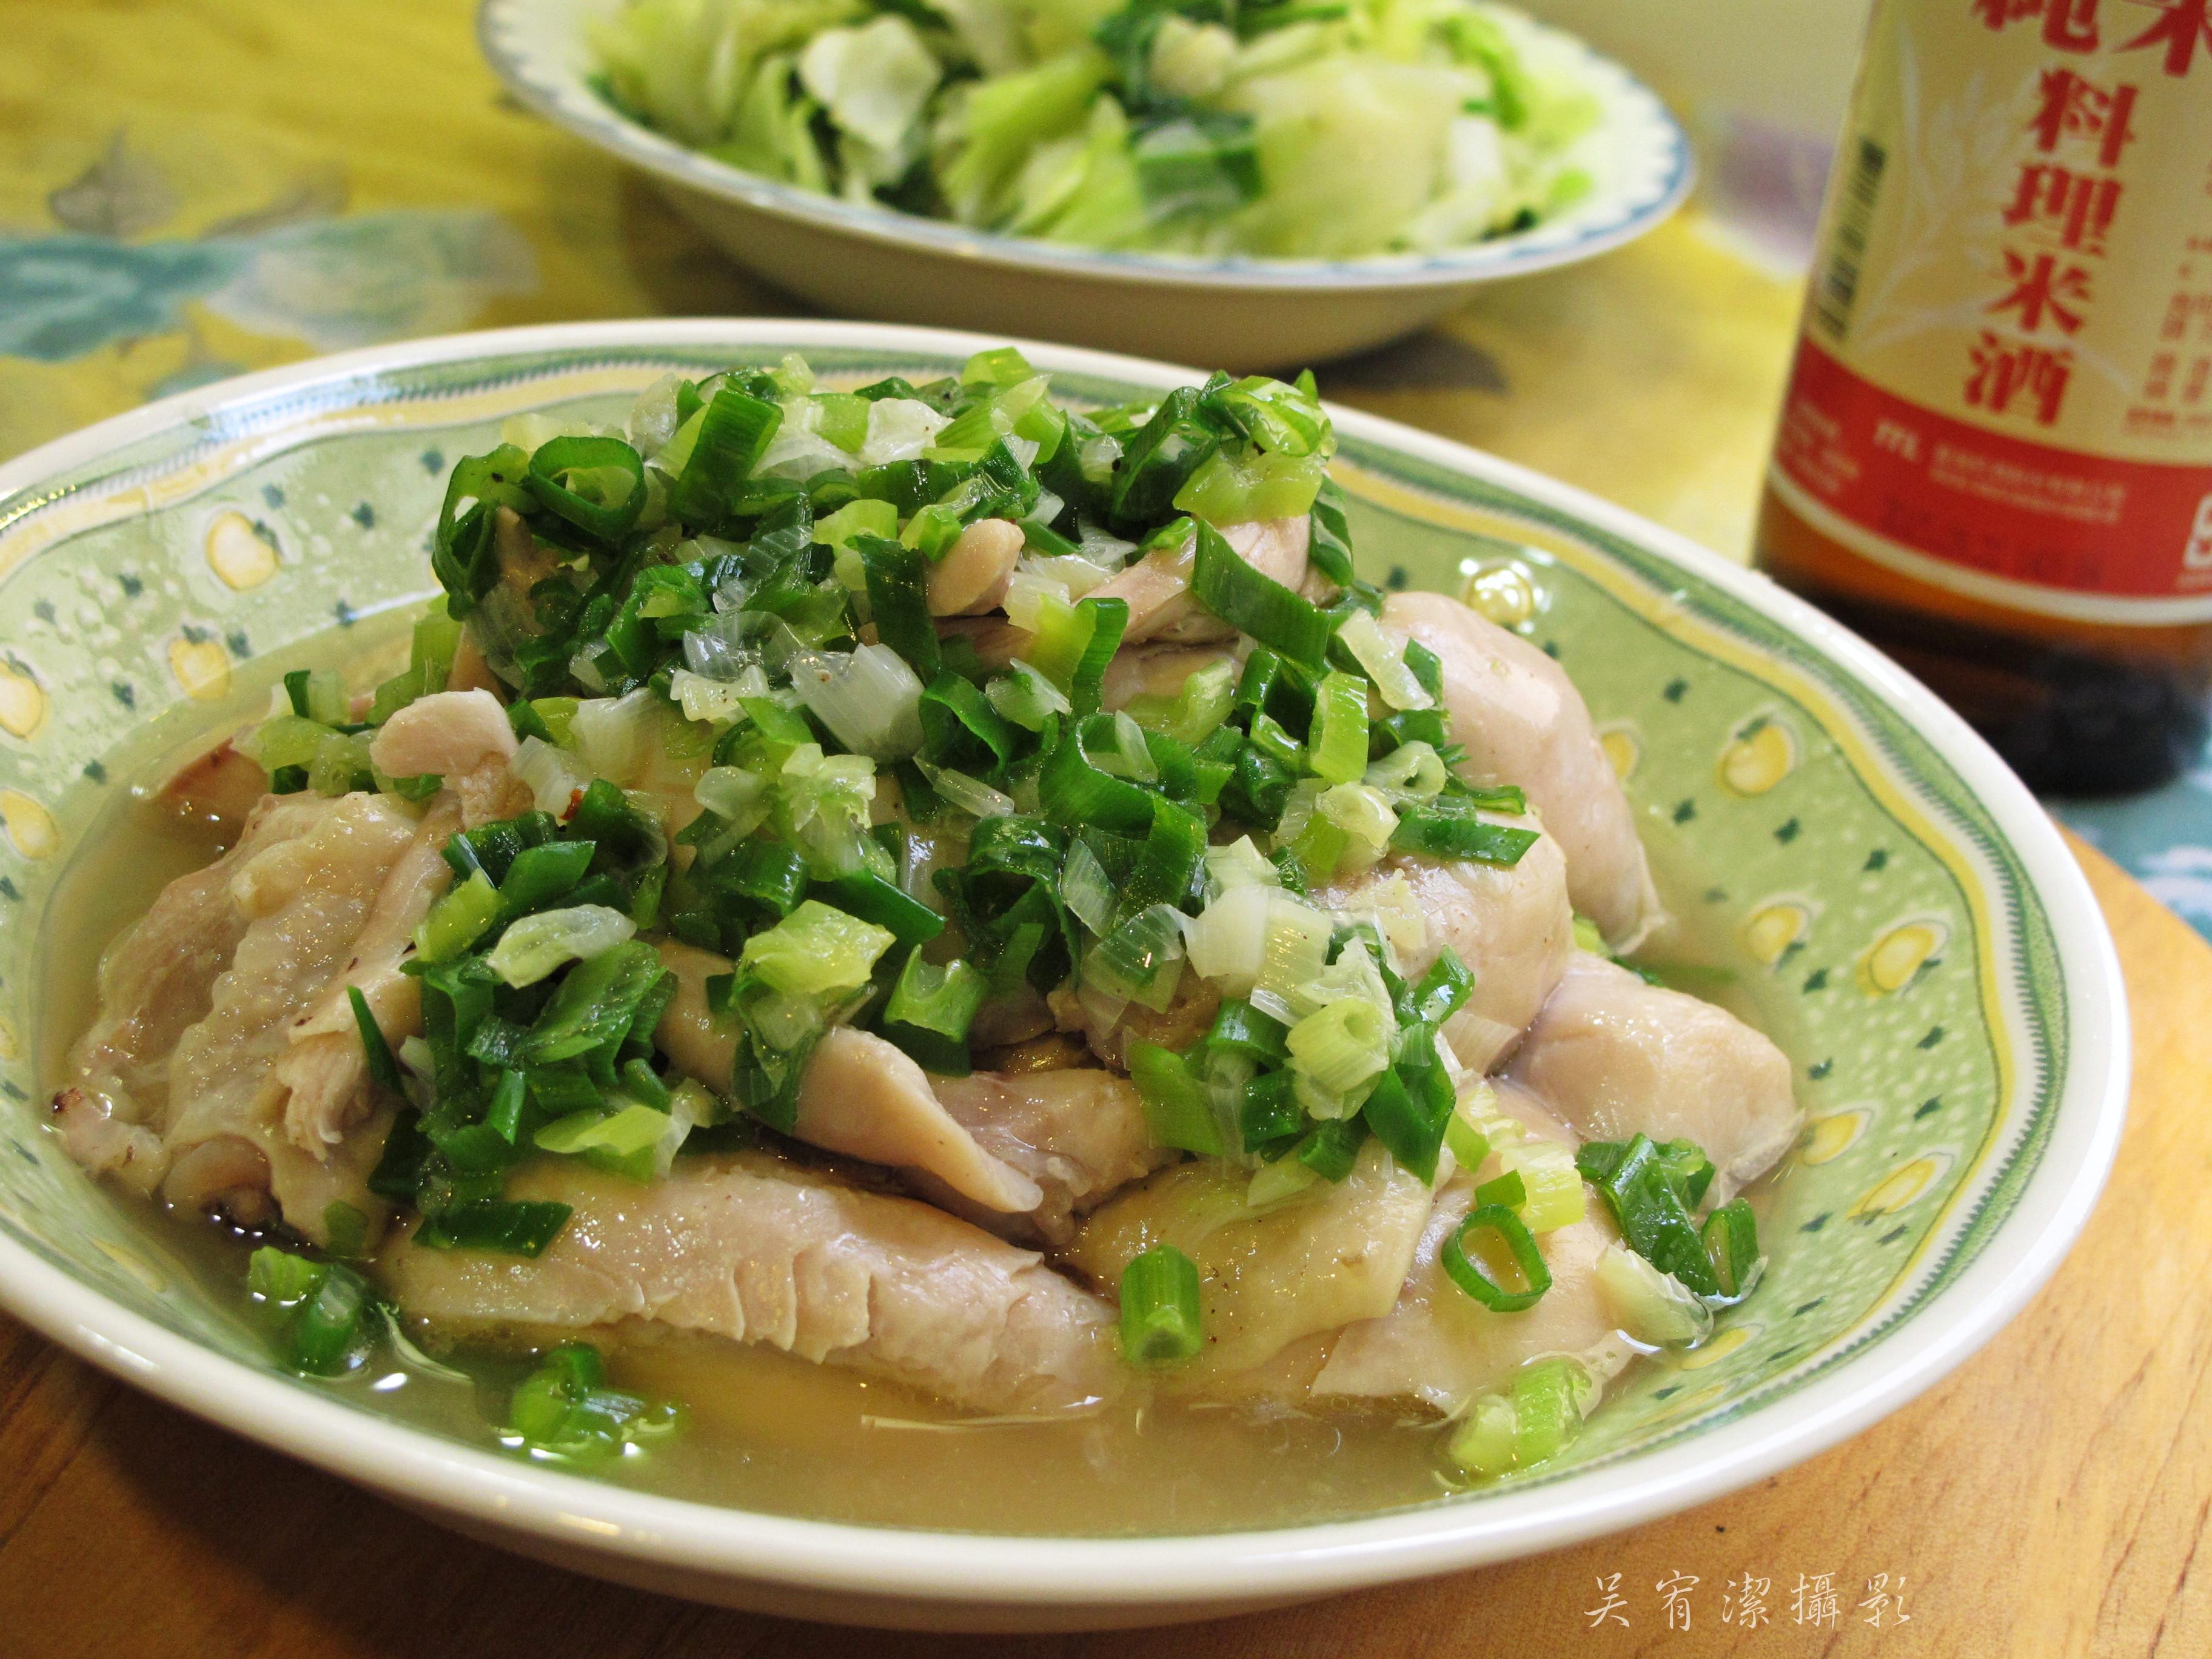 香蔥雞。台灣菸酒純米料理米酒